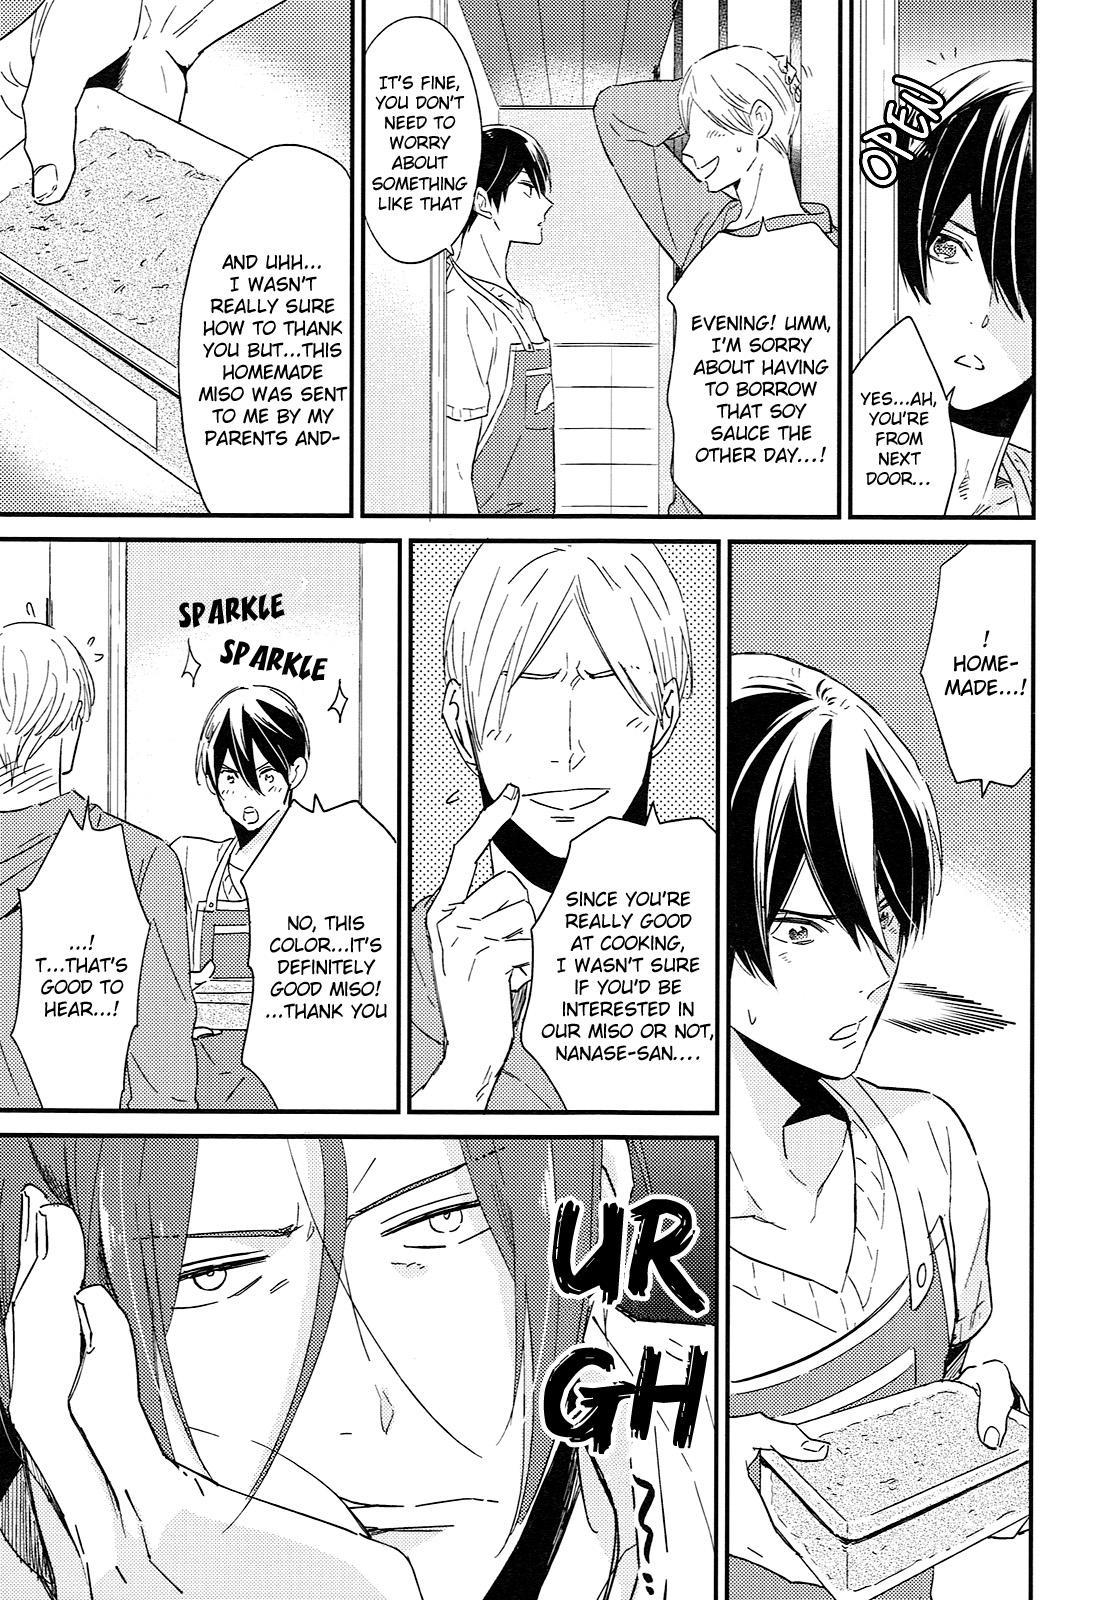 (SUPER24) [KANGAROO KICK (Takagi Takumi)] Matsuoka Rin no Shinkon Seikatsu (Kari)   Matsuoka Rin's Newly-Wed Life (Provisional) (Free!) [English] [Holy Mackerel] 7